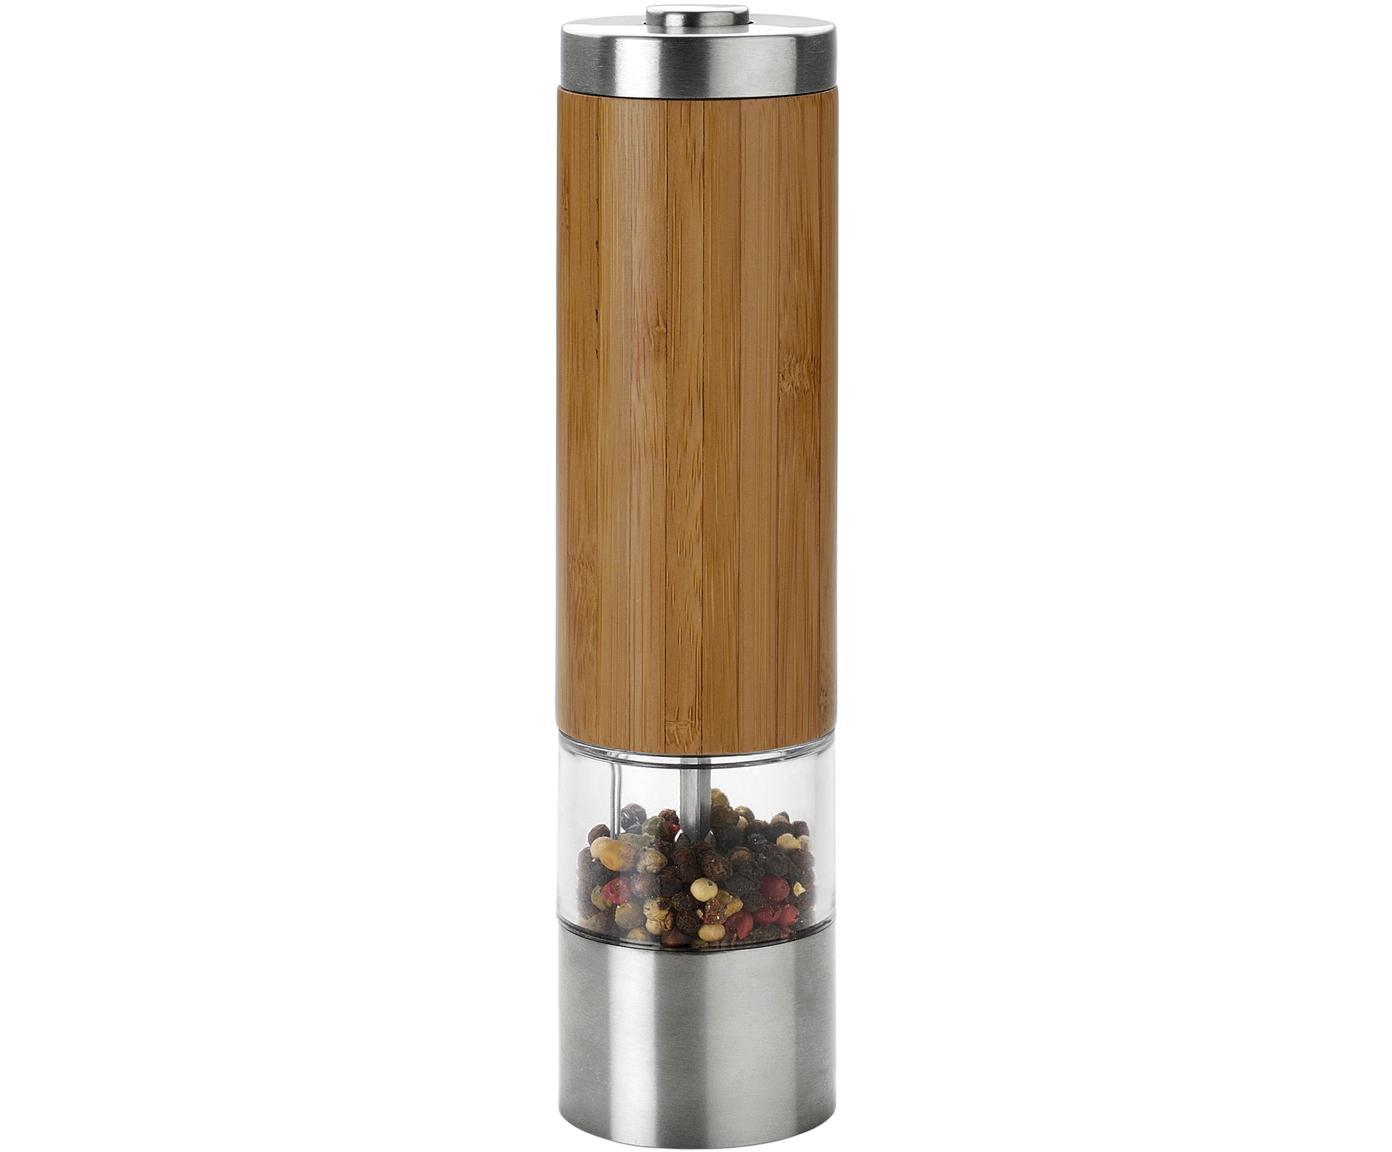 Elektrische Gewürzmühle Lonka aus Bambus und Edelstahl, Bambus, Edelstahl, Bambus, Transparent, Stahl, Ø 6 x H 22 cm